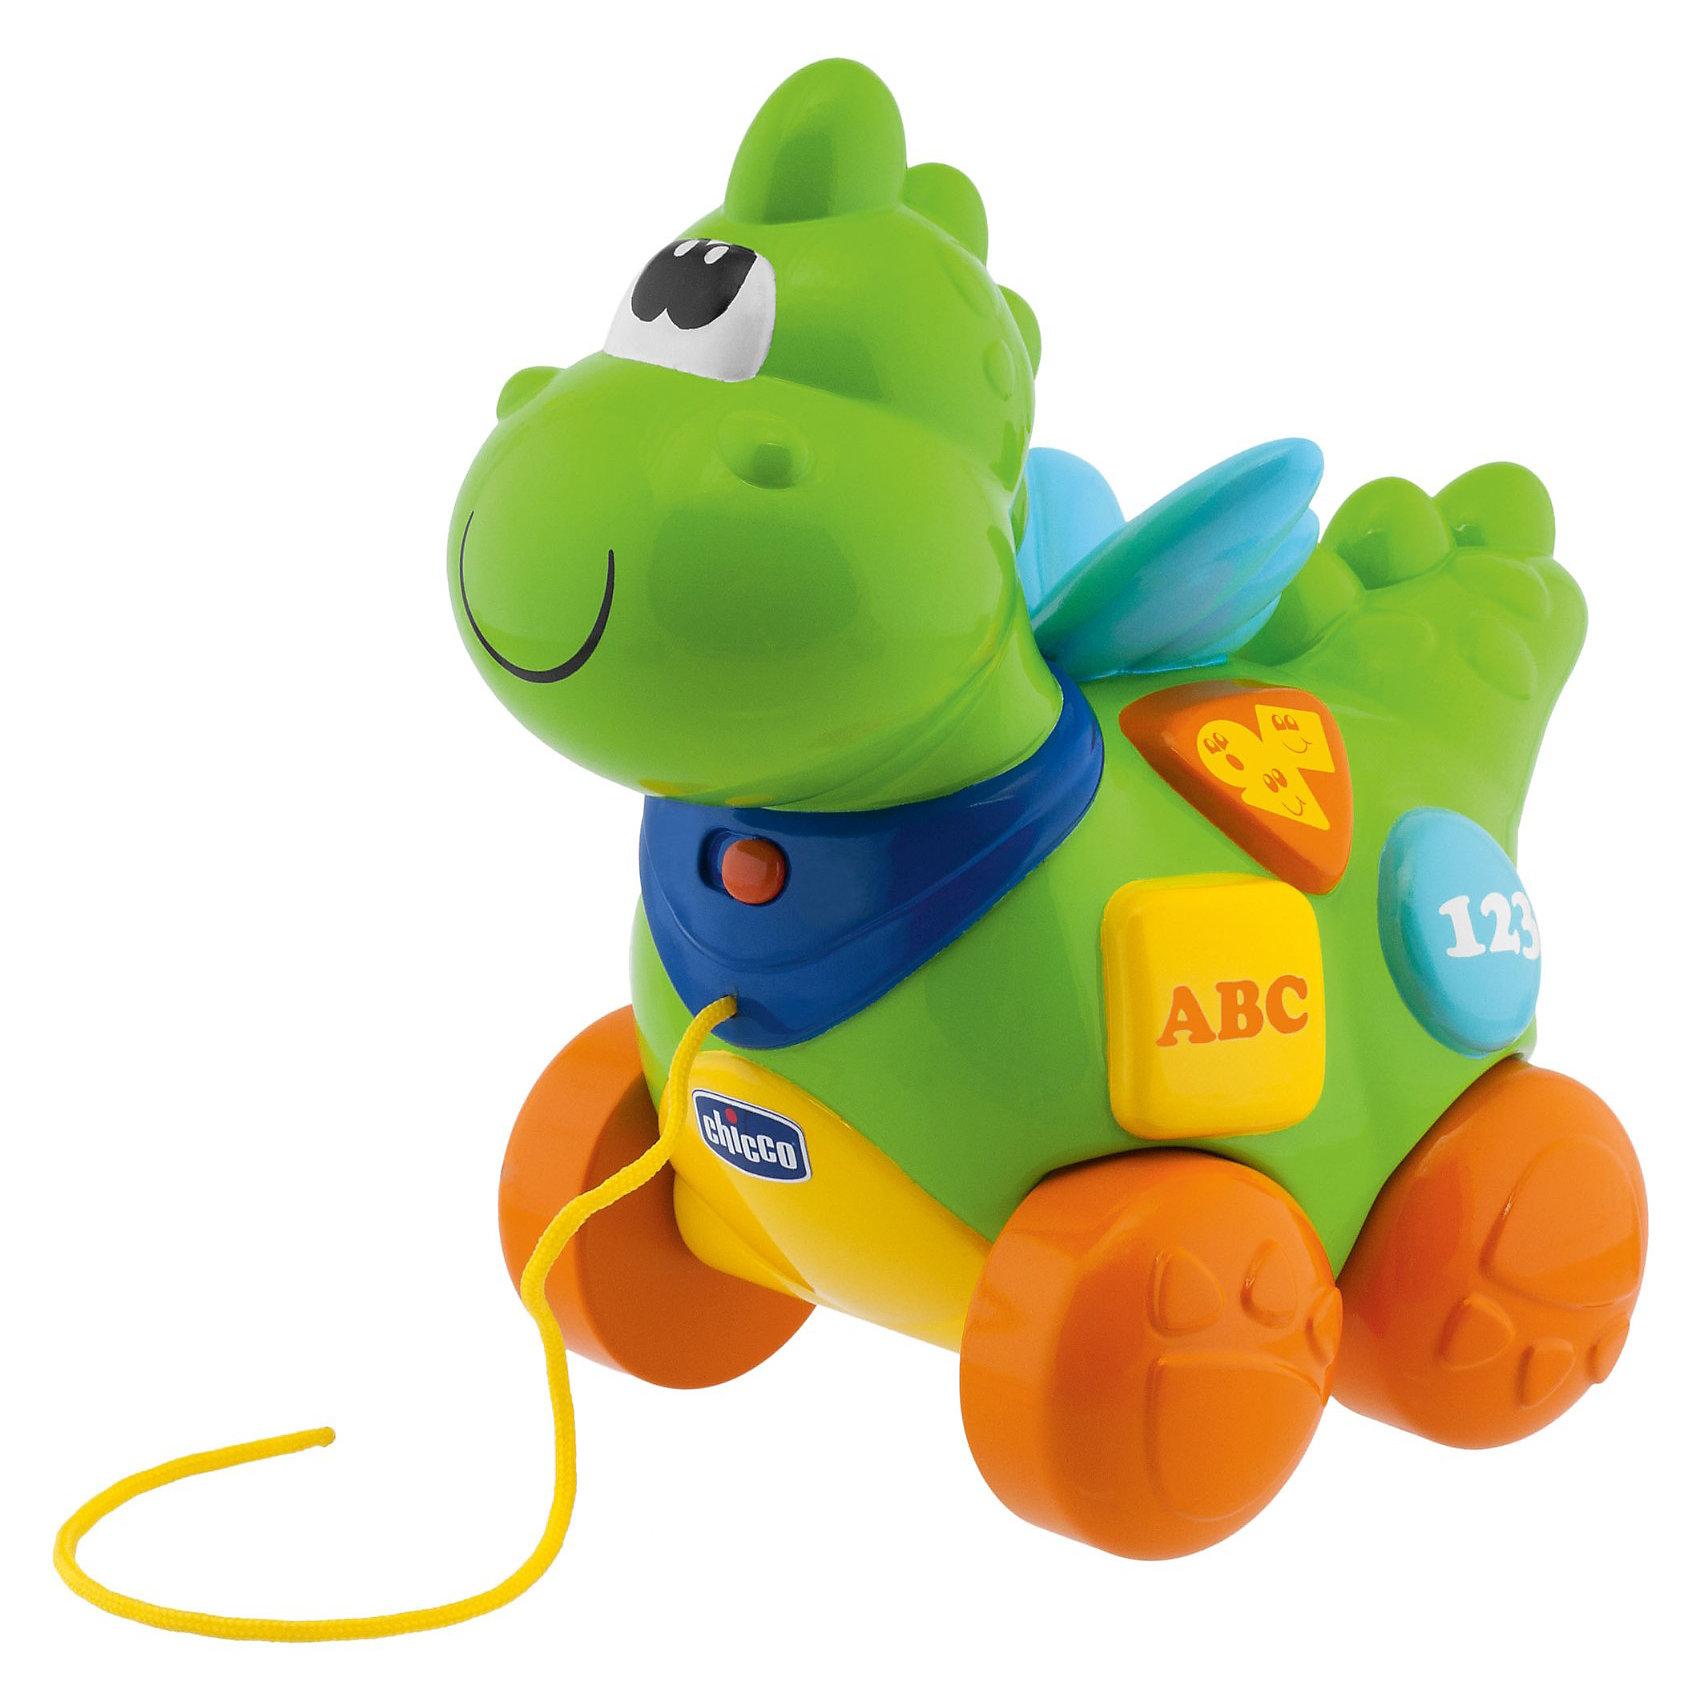 Говорящий дракон, ChiccoИгрушки-каталки<br>Говорящий дракон, CHICCO - забавная развивающая игрушка-каталка, которая не оставит равнодушным ни одного маленького непоседу.<br><br>Этот симпатичный Дракон станет не только прекрасным компаньоном для малыша во время прогулки, но и поможет ребенку научиться первым несложным словам, названиям животных,  познакомить его с буквами и цифрами. А когда ребенок устанет, он сможет послушать веселые мелодии - их целых десять - либо отправиться с Дракончиком на прогулку (игрушка будет покачивать головой в такт шагов малыша)!<br>Обучение может проводиться как на русском, так и на английском языке. <br><br>Игрушка способствует развитию мелкой моторики, звукового и светового восприятия, речи. <br><br>Дополнительная информация:<br><br>- Материал: пластик. <br>- Питание: батарейки типа «АА» 1,5 V (не входят в комплект).<br><br>Игрушку Говорящий дракон, CHICCO можно купить в нашем интернет-магазине.<br><br>Ширина мм: 602<br>Глубина мм: 397<br>Высота мм: 236<br>Вес г: 961<br>Возраст от месяцев: 9<br>Возраст до месяцев: 36<br>Пол: Унисекс<br>Возраст: Детский<br>SKU: 3371908